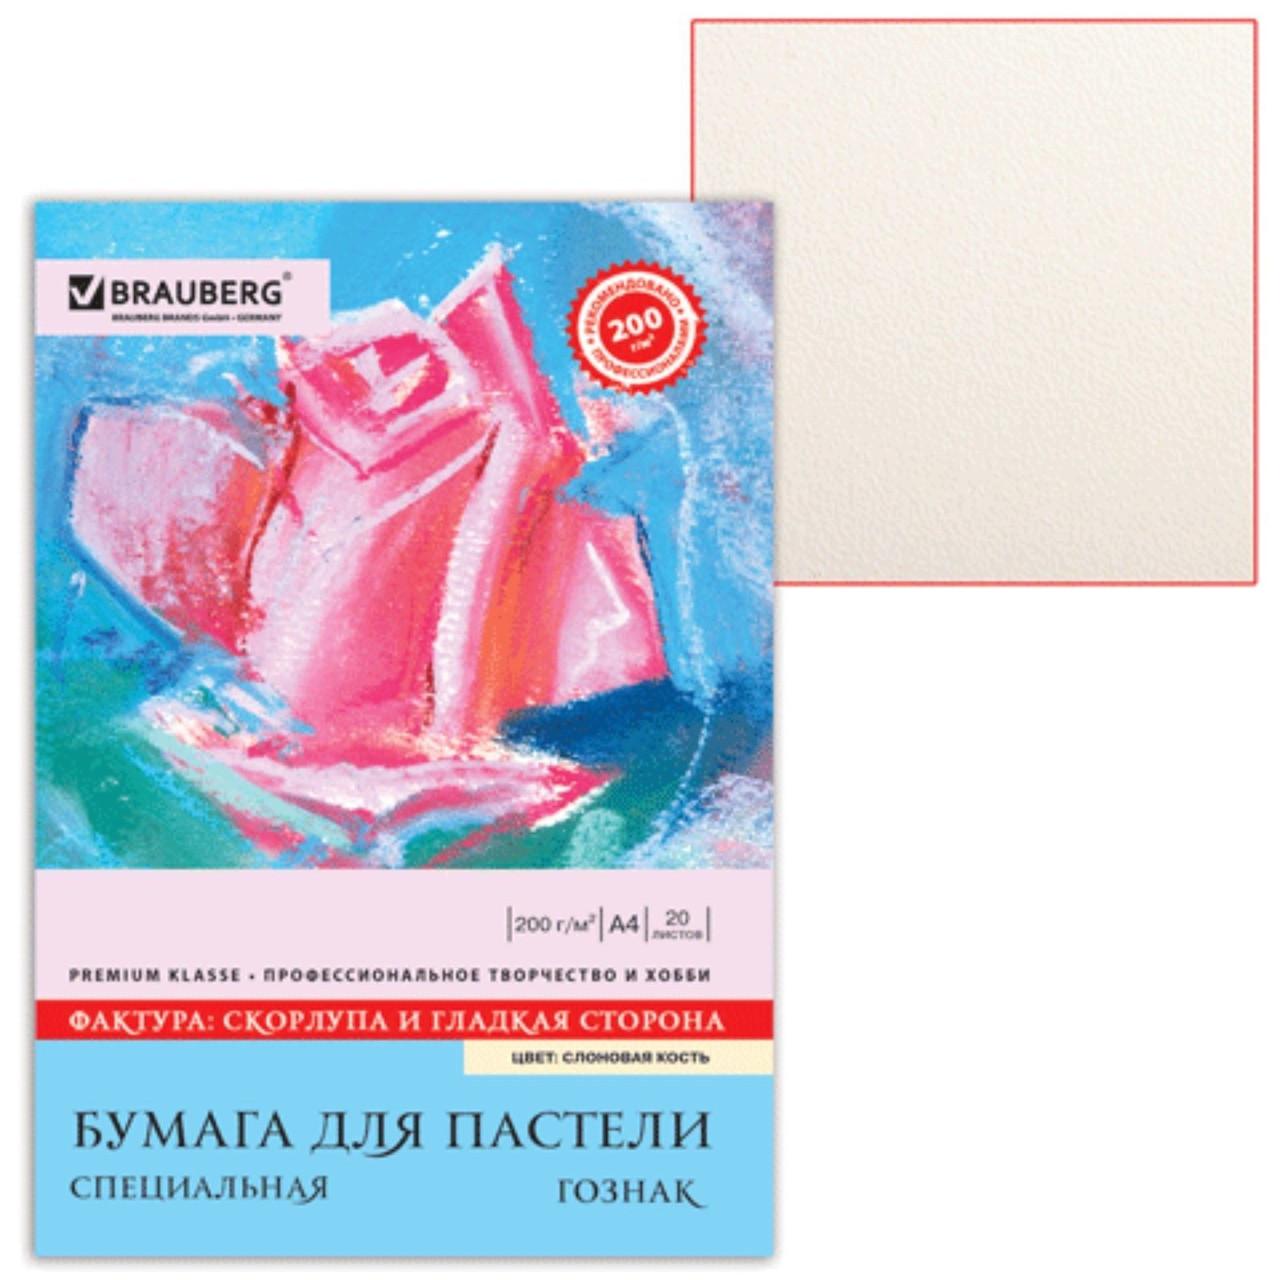 Папка для пастели А4, 210 х 297 мм, 20 листов, тонированная бумага, слоновая кость, ГОЗНАК «Скорлупа», 200г/м